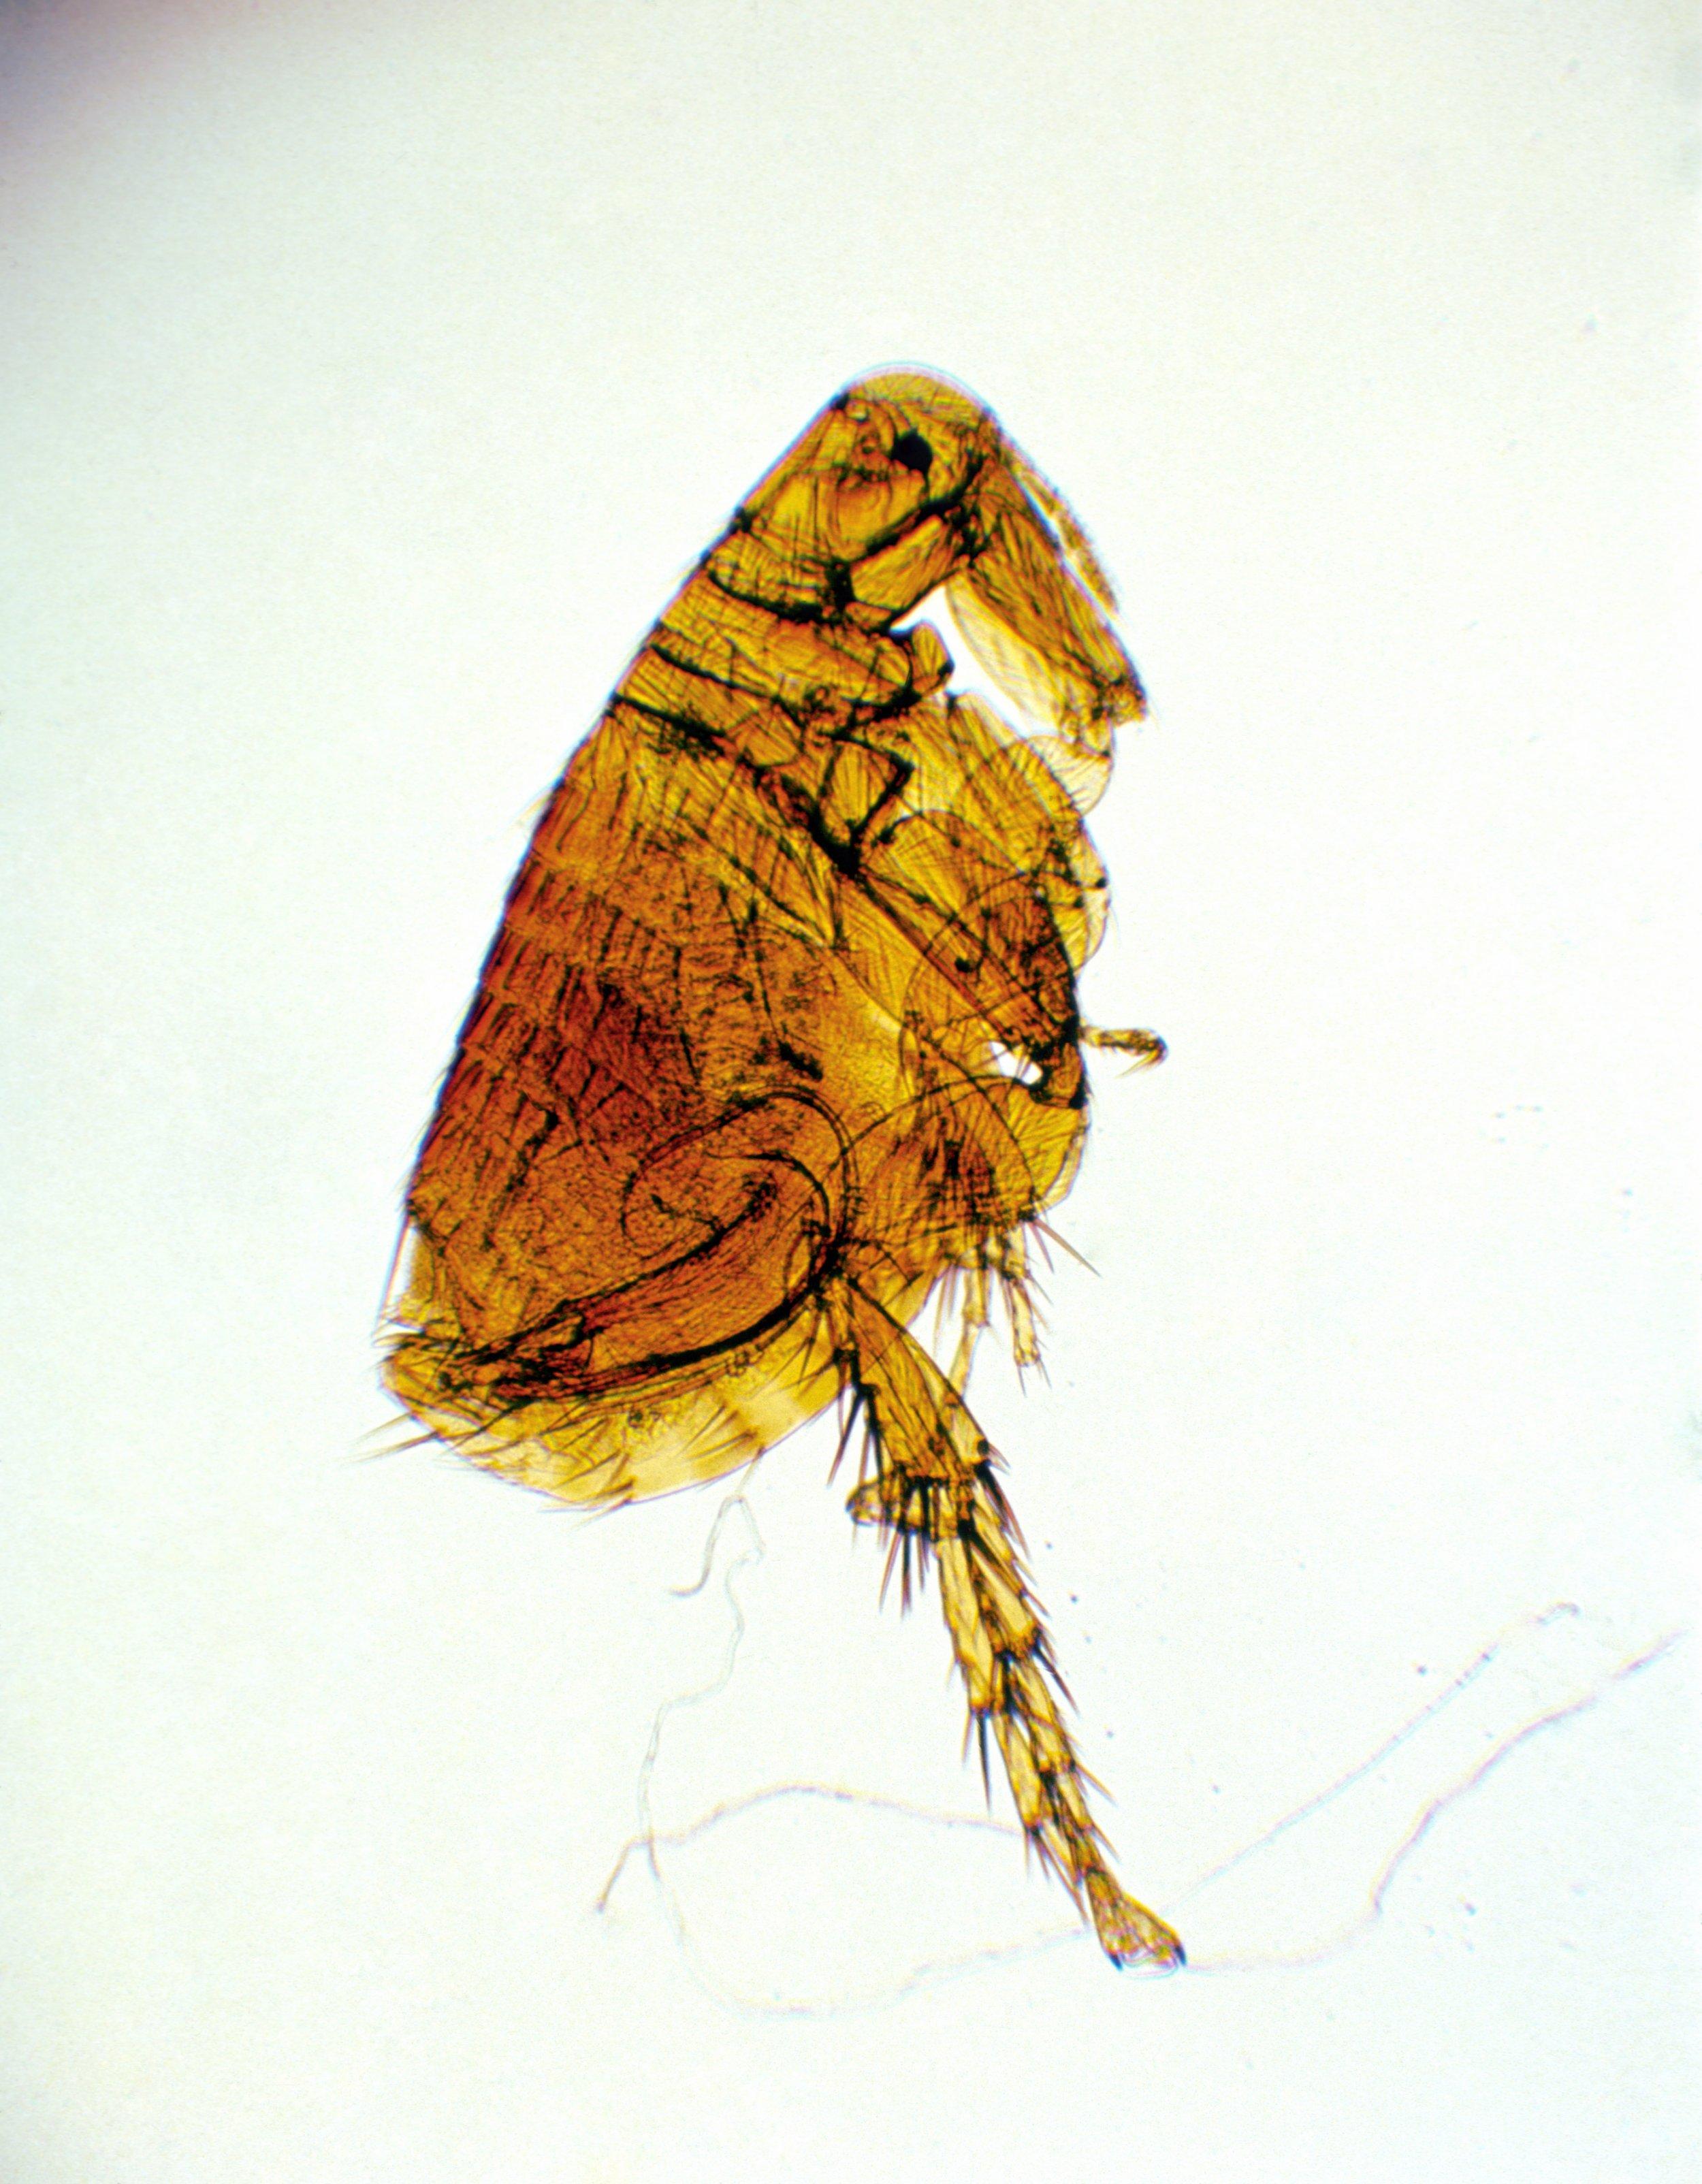 Plague: Fleas in Arizona Test Positive for Easily Spread ...